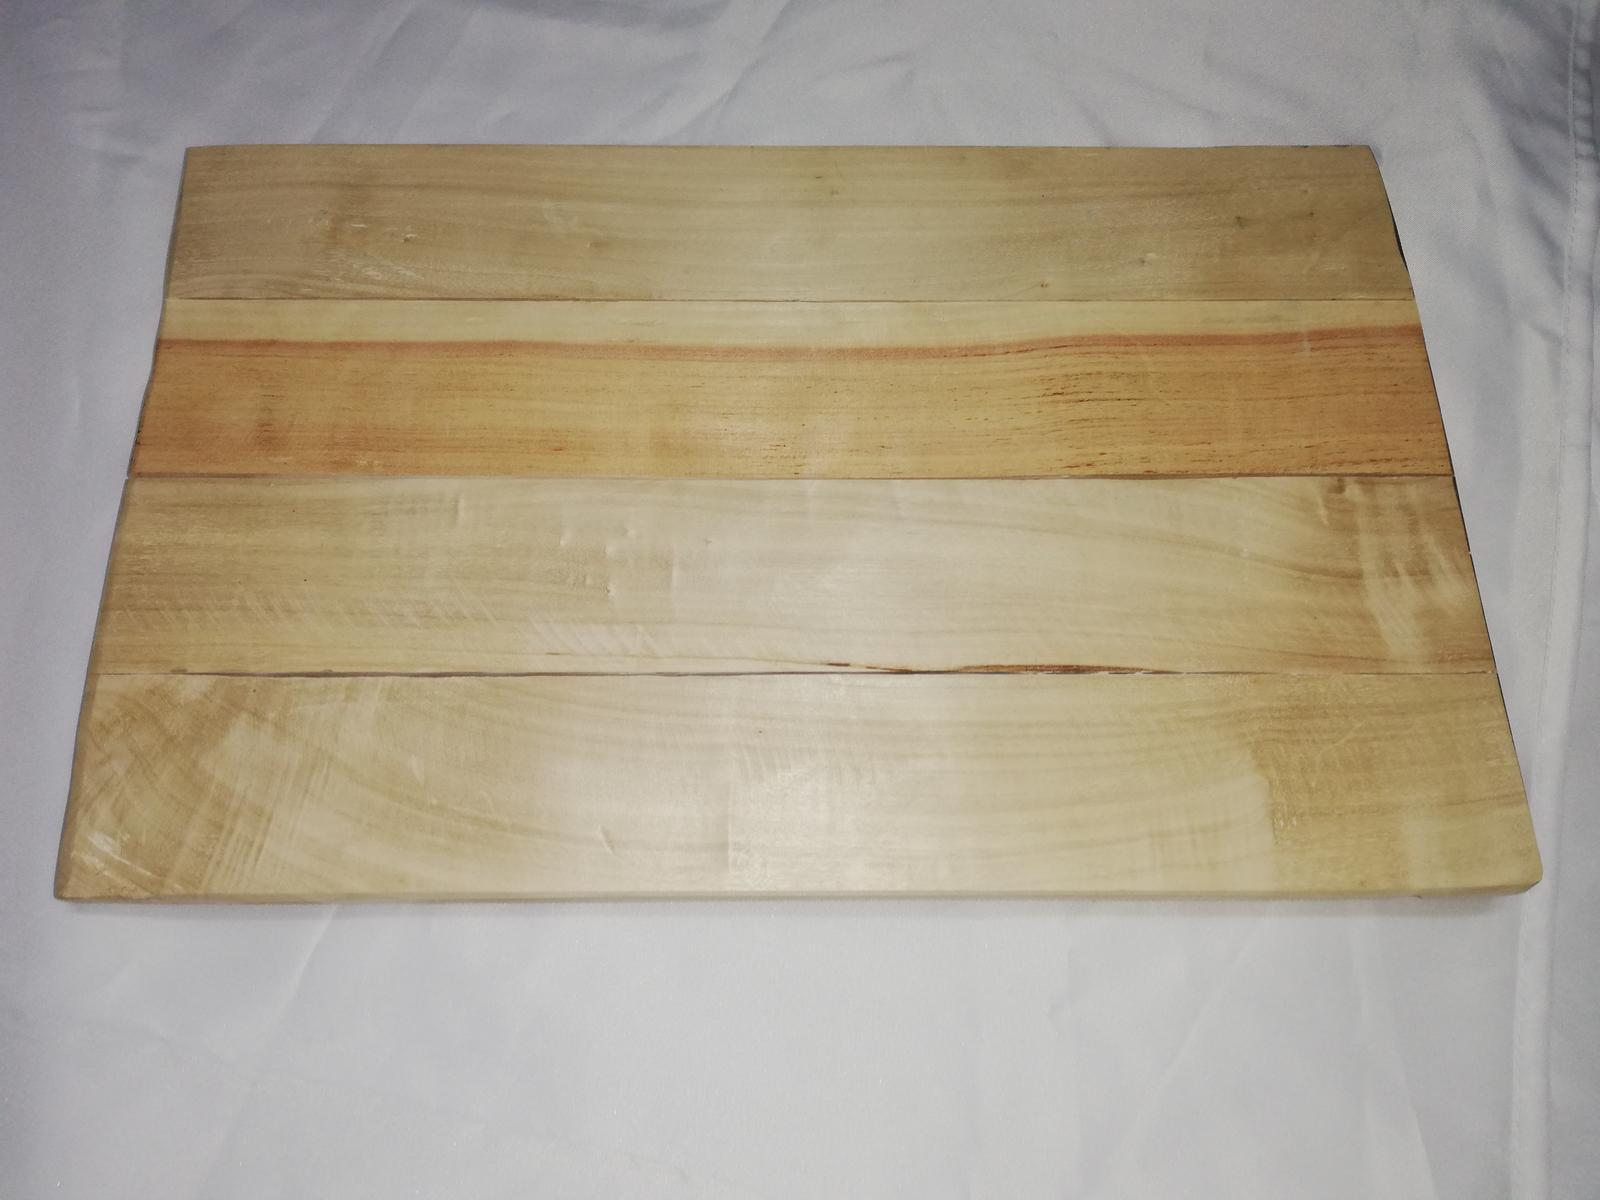 Redizajnujeme, maľujeme, tvoríme - paletové drevo napílené, zbrúsené, zlepené